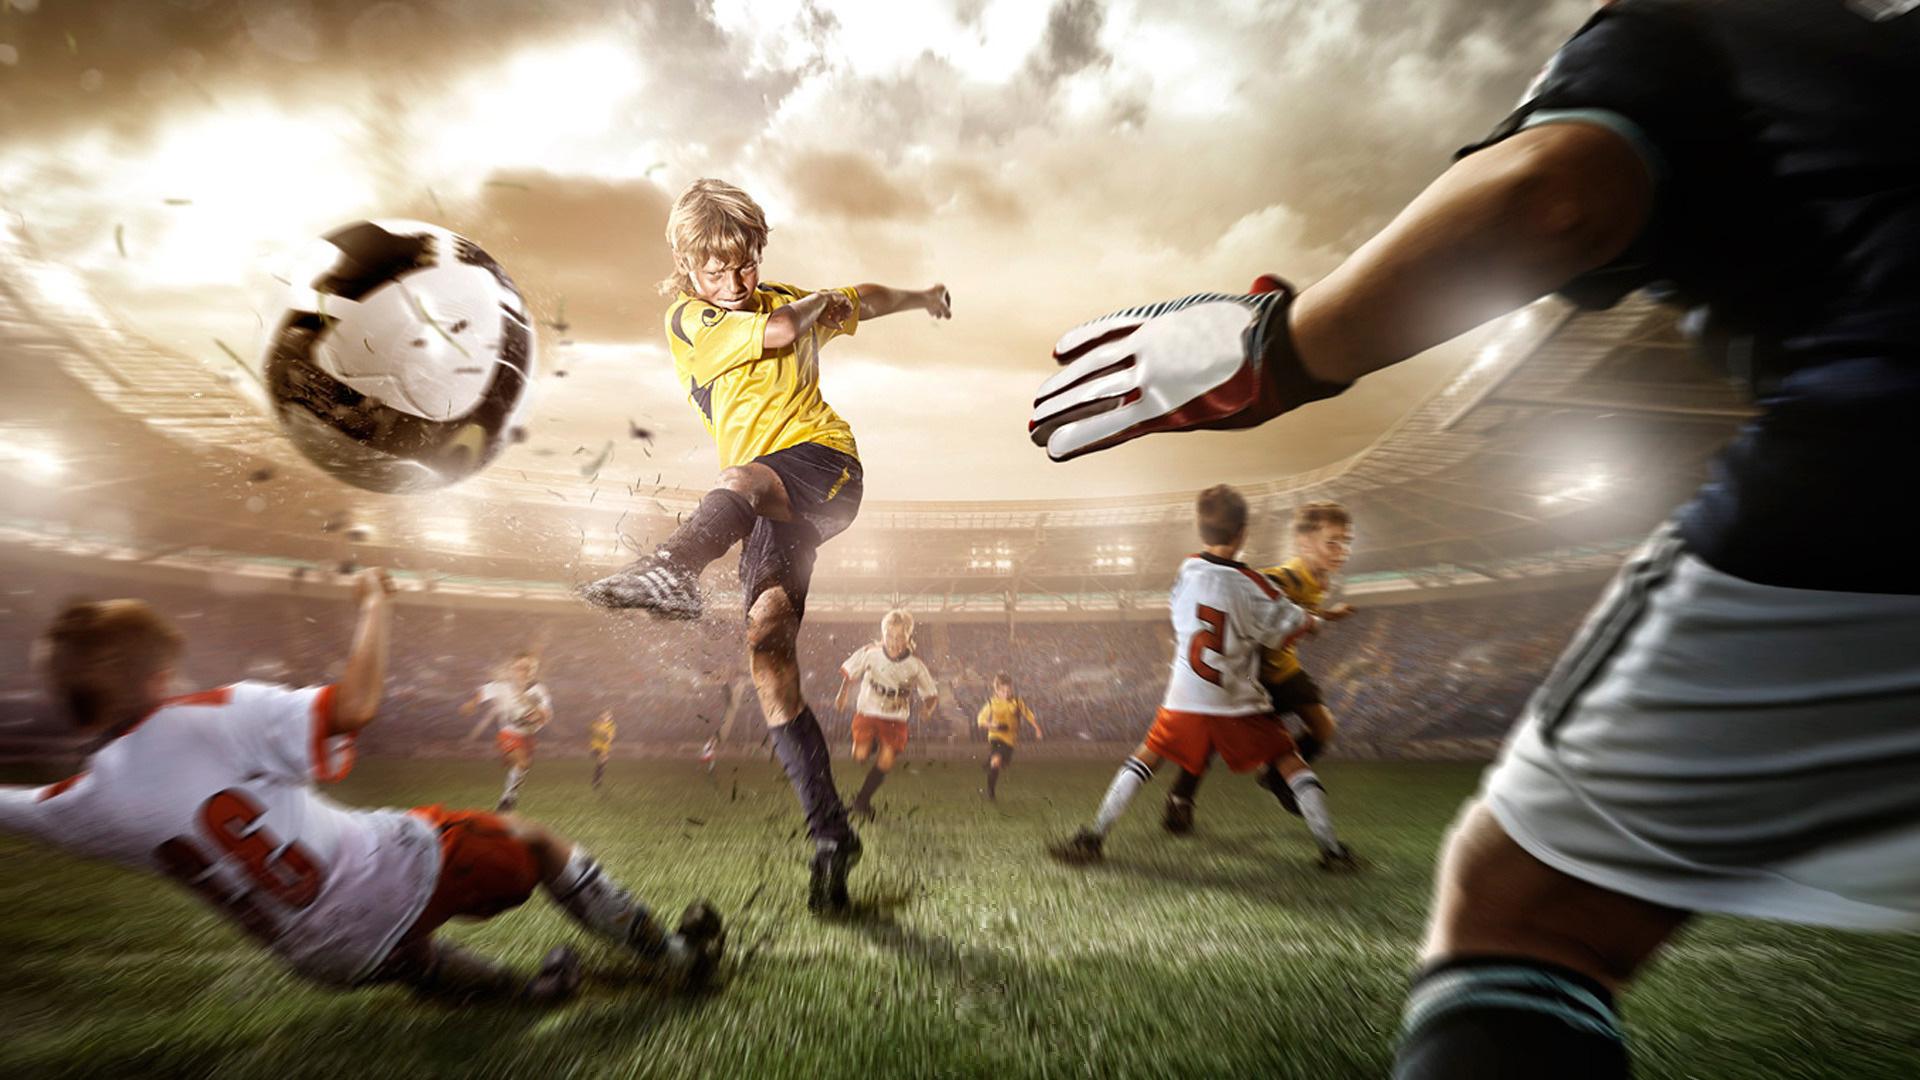 Роналду против Месси 2018 смотреть онлайн бесплатно полный